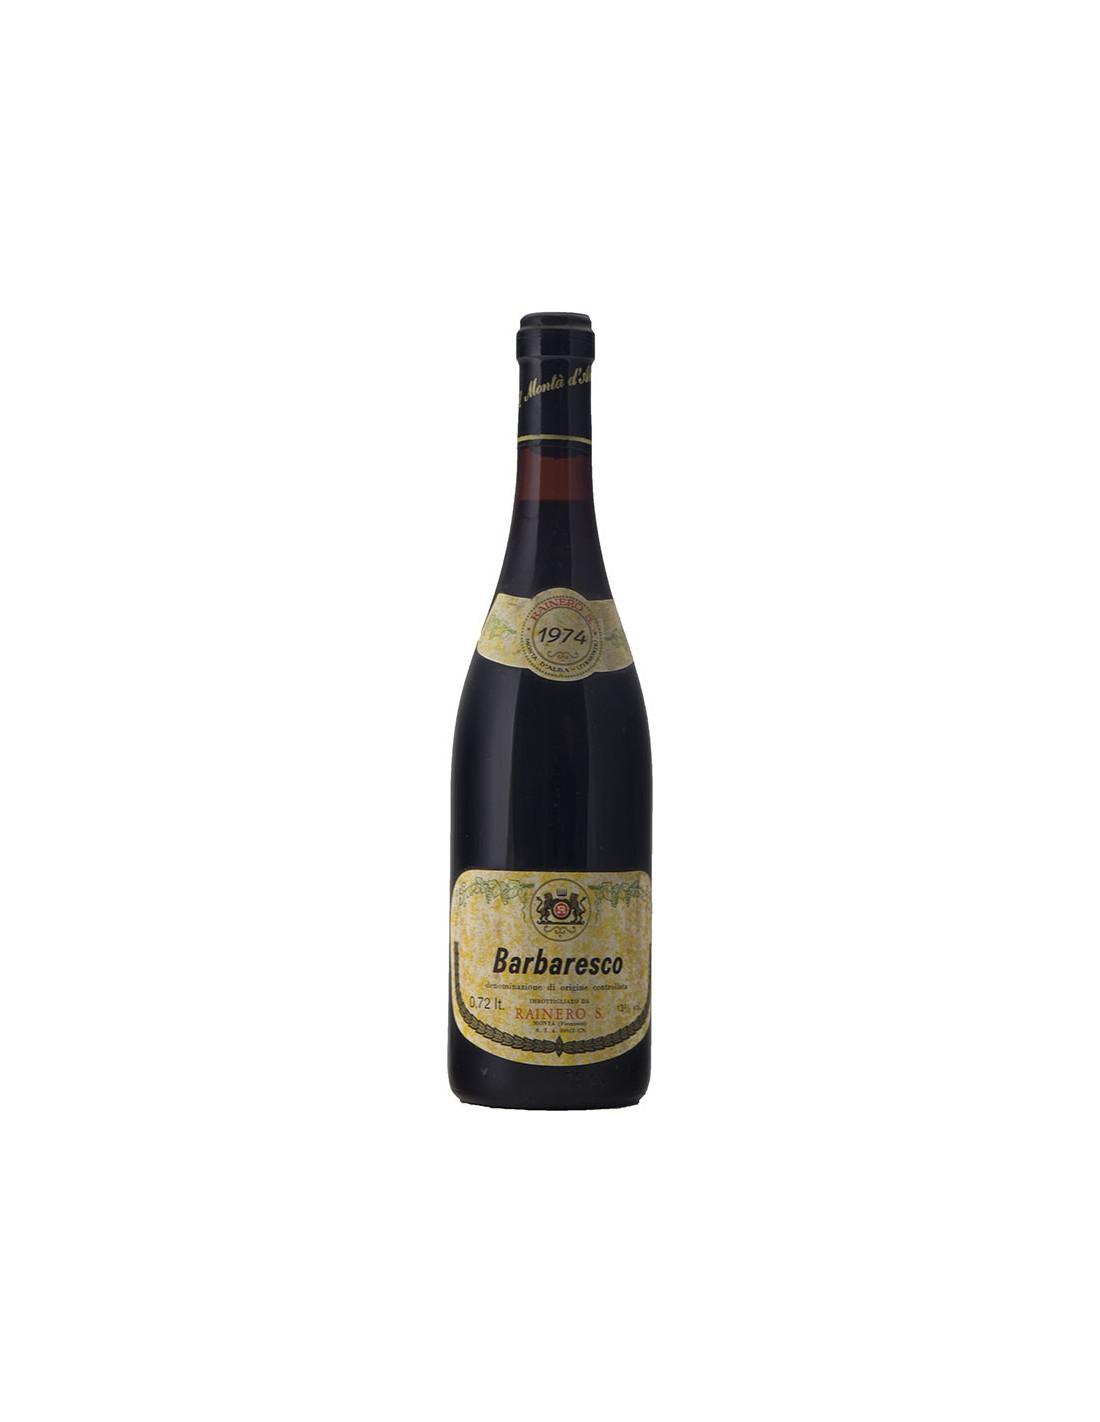 BARBARESCO 1974 RAINERO Grandi Bottiglie